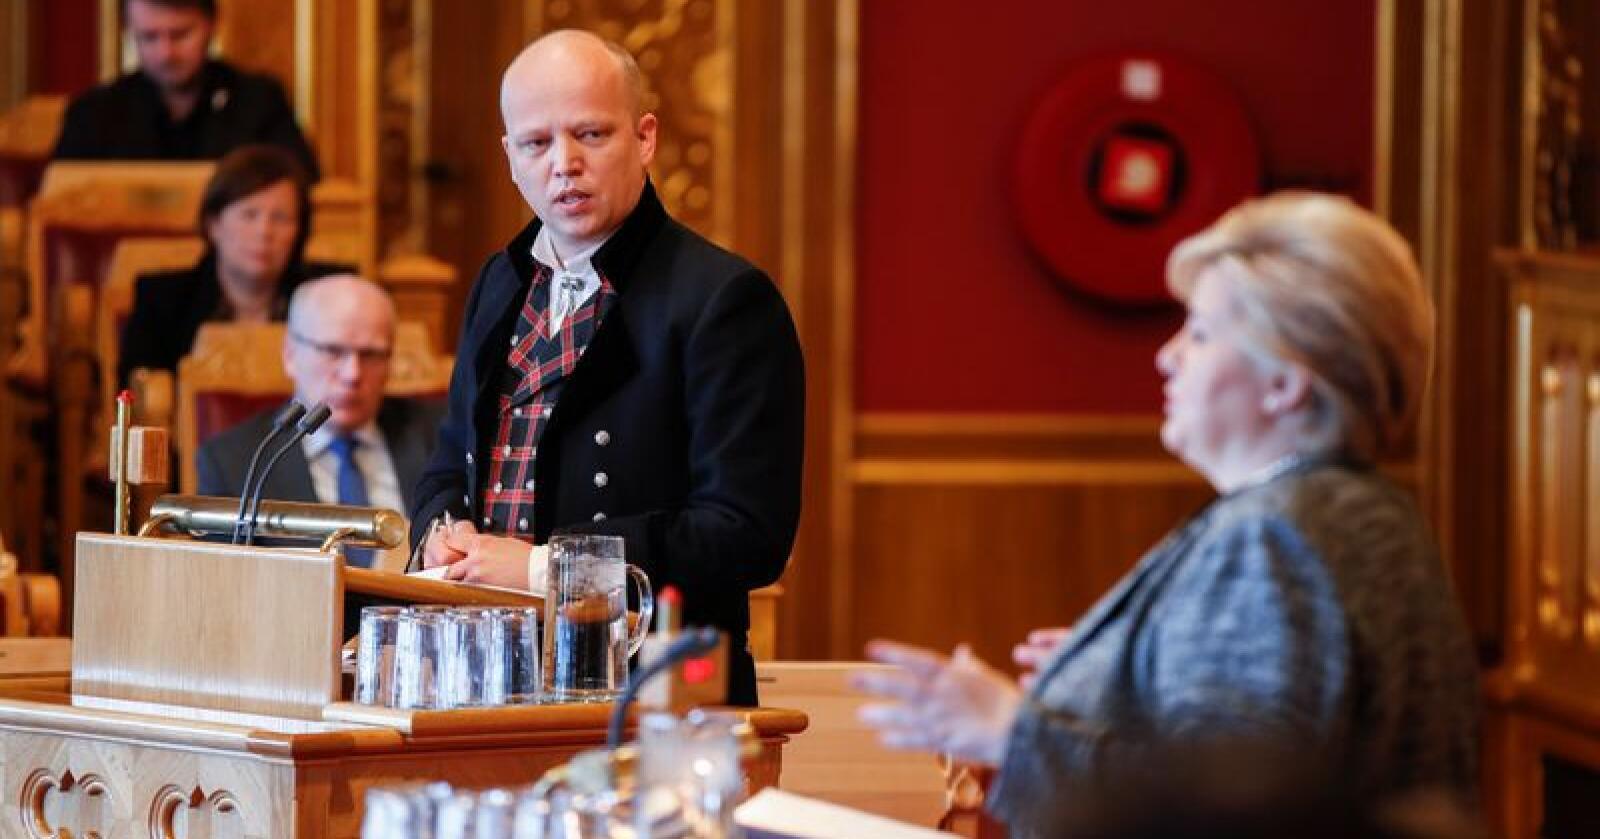 Sp leder Trygve Slagsvold Vedum med bunad  under Stortingets muntlige spørretime. Foto: Vidar Ruud / NTB scanpix